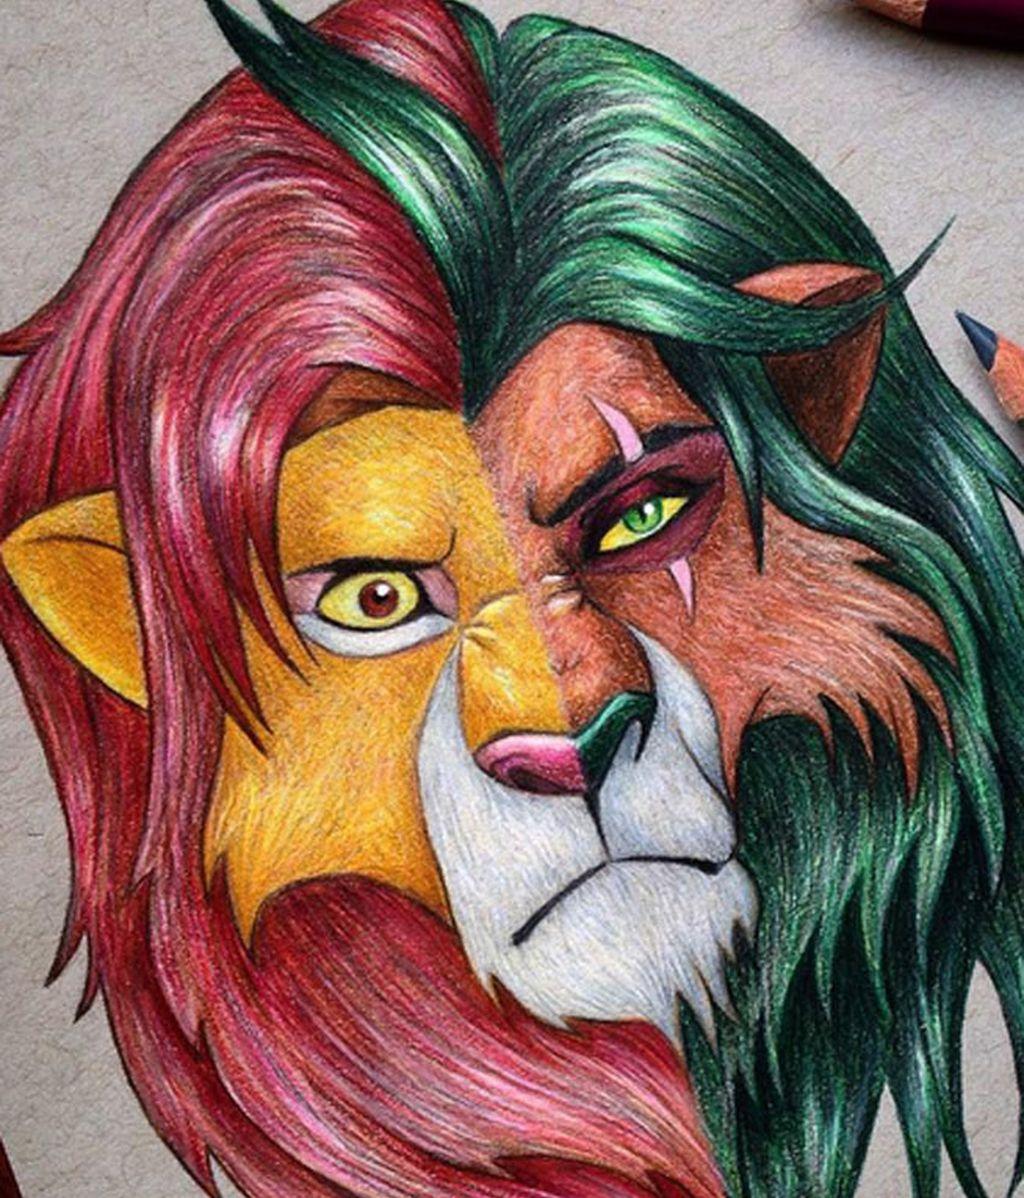 Este artista, fan de Disney, realiza increíbles creaciones